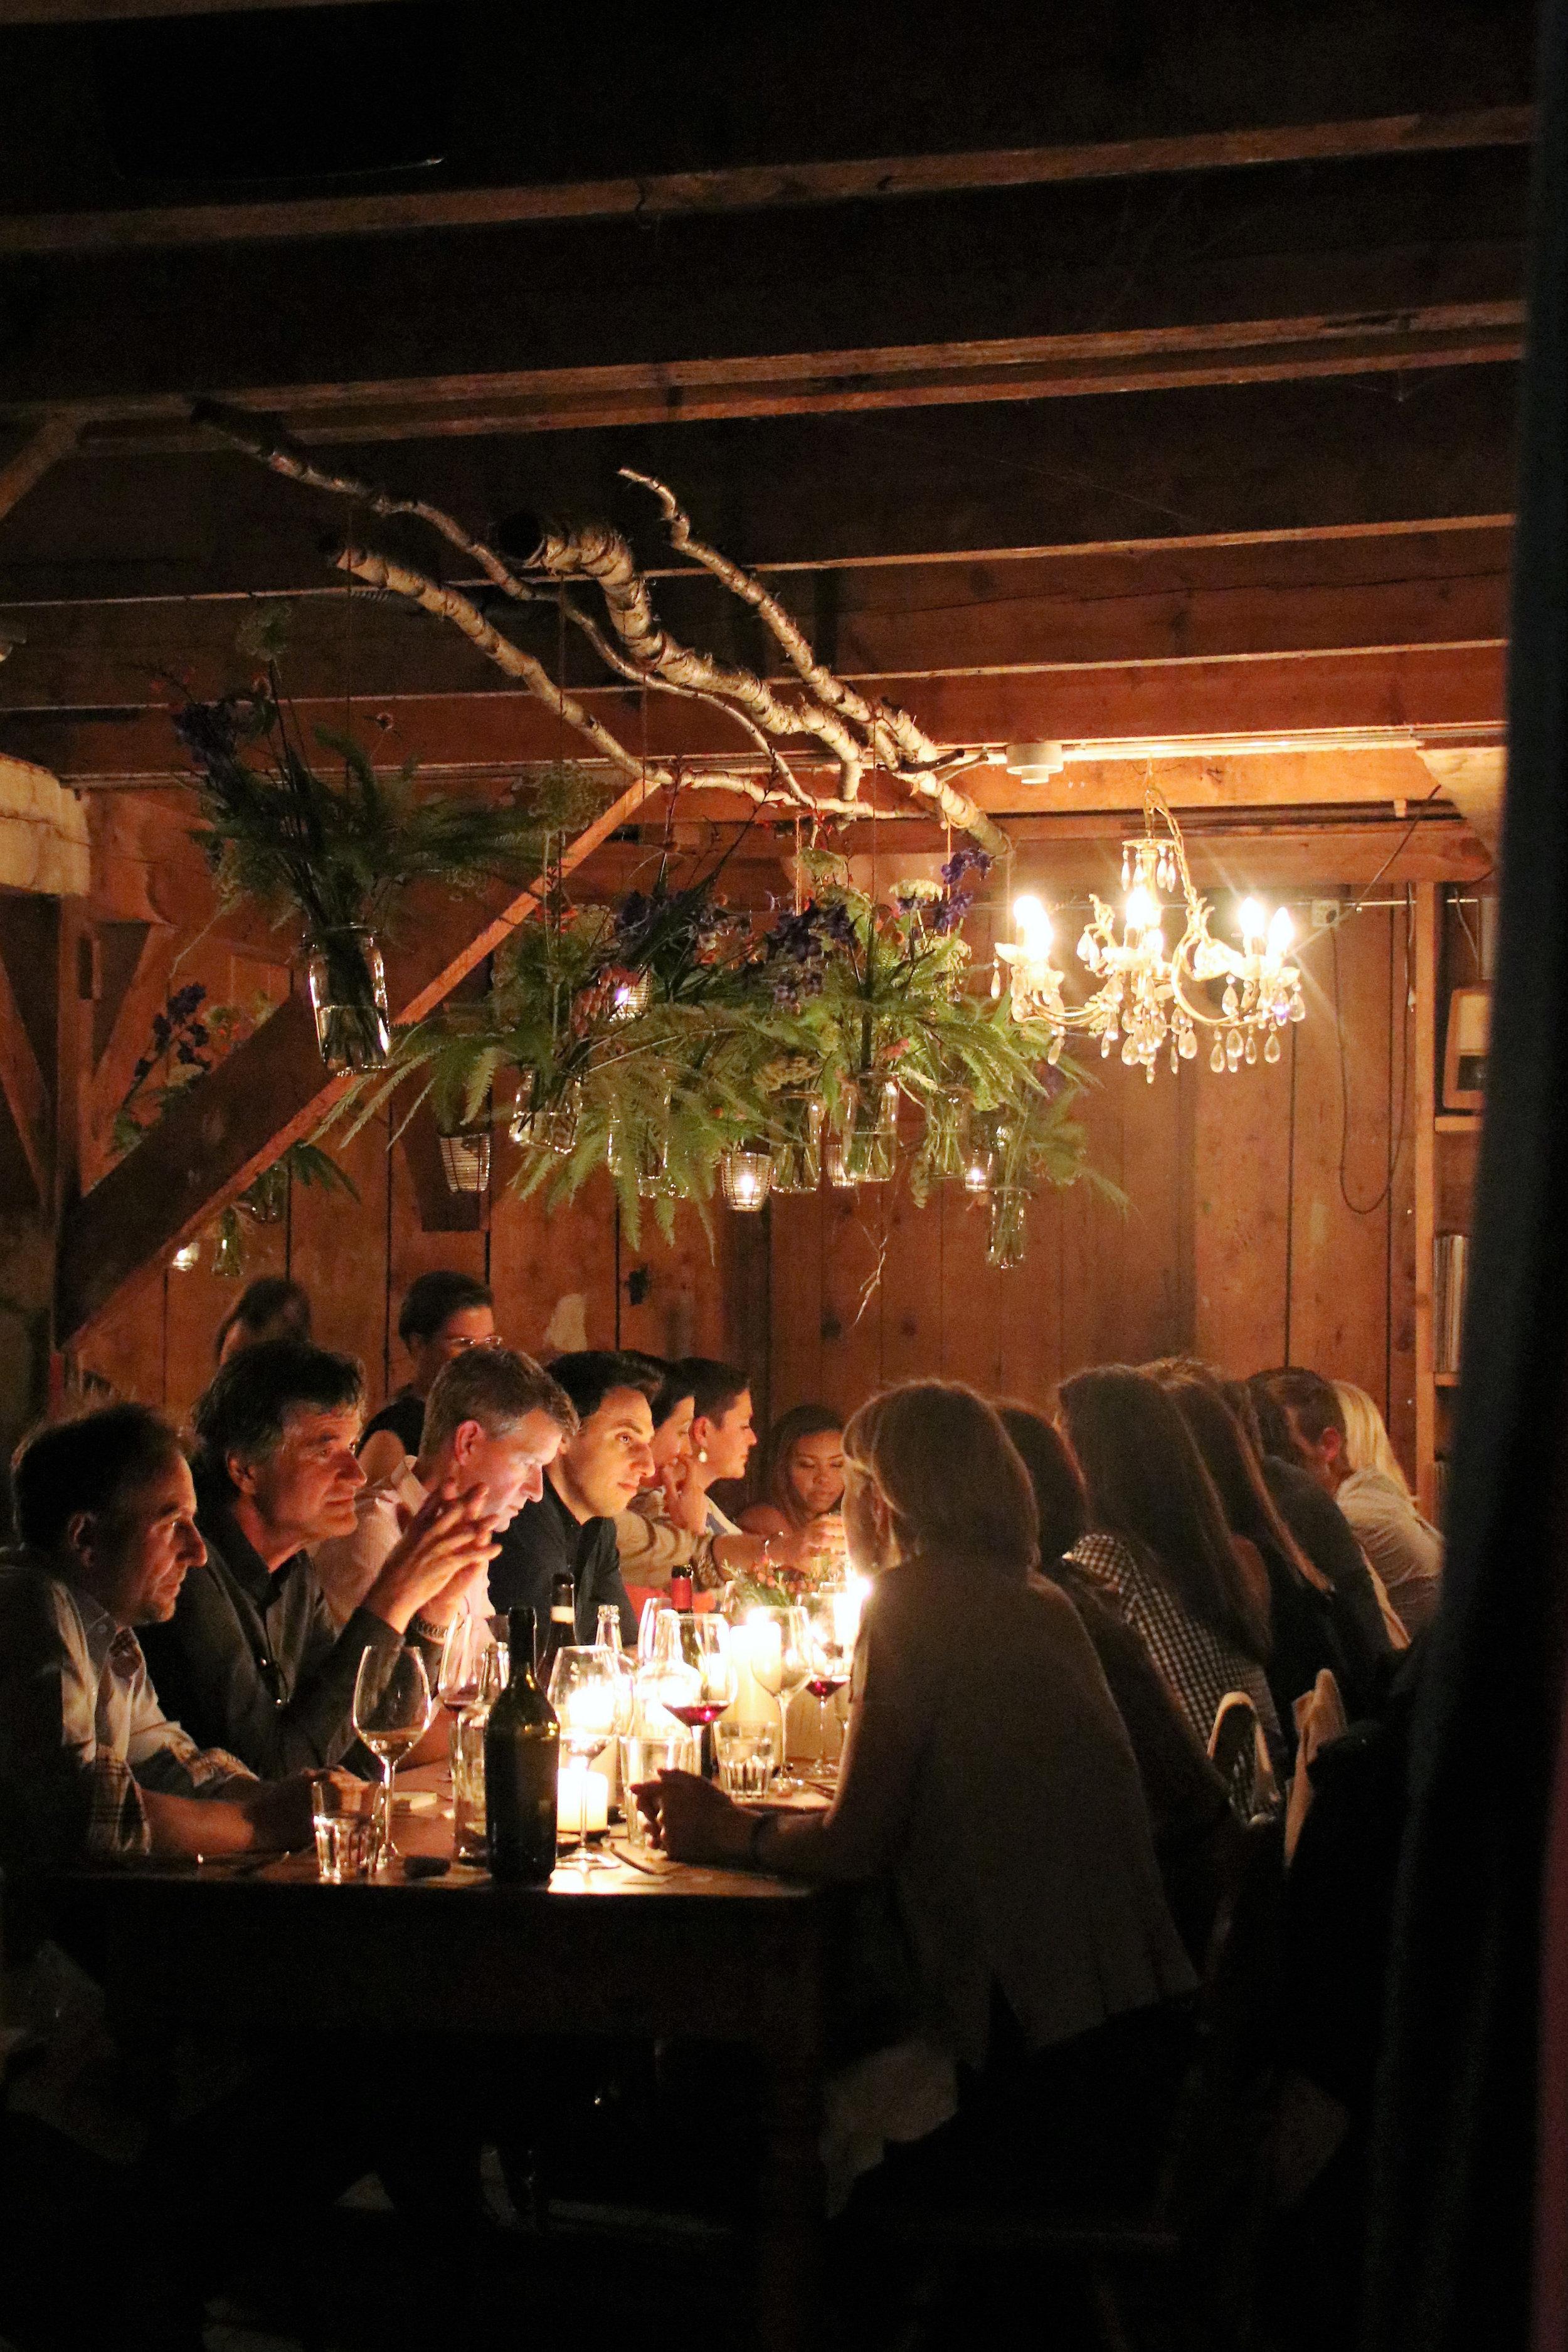 Tavolino_Dinner_0113_Anna_Jann.jpg